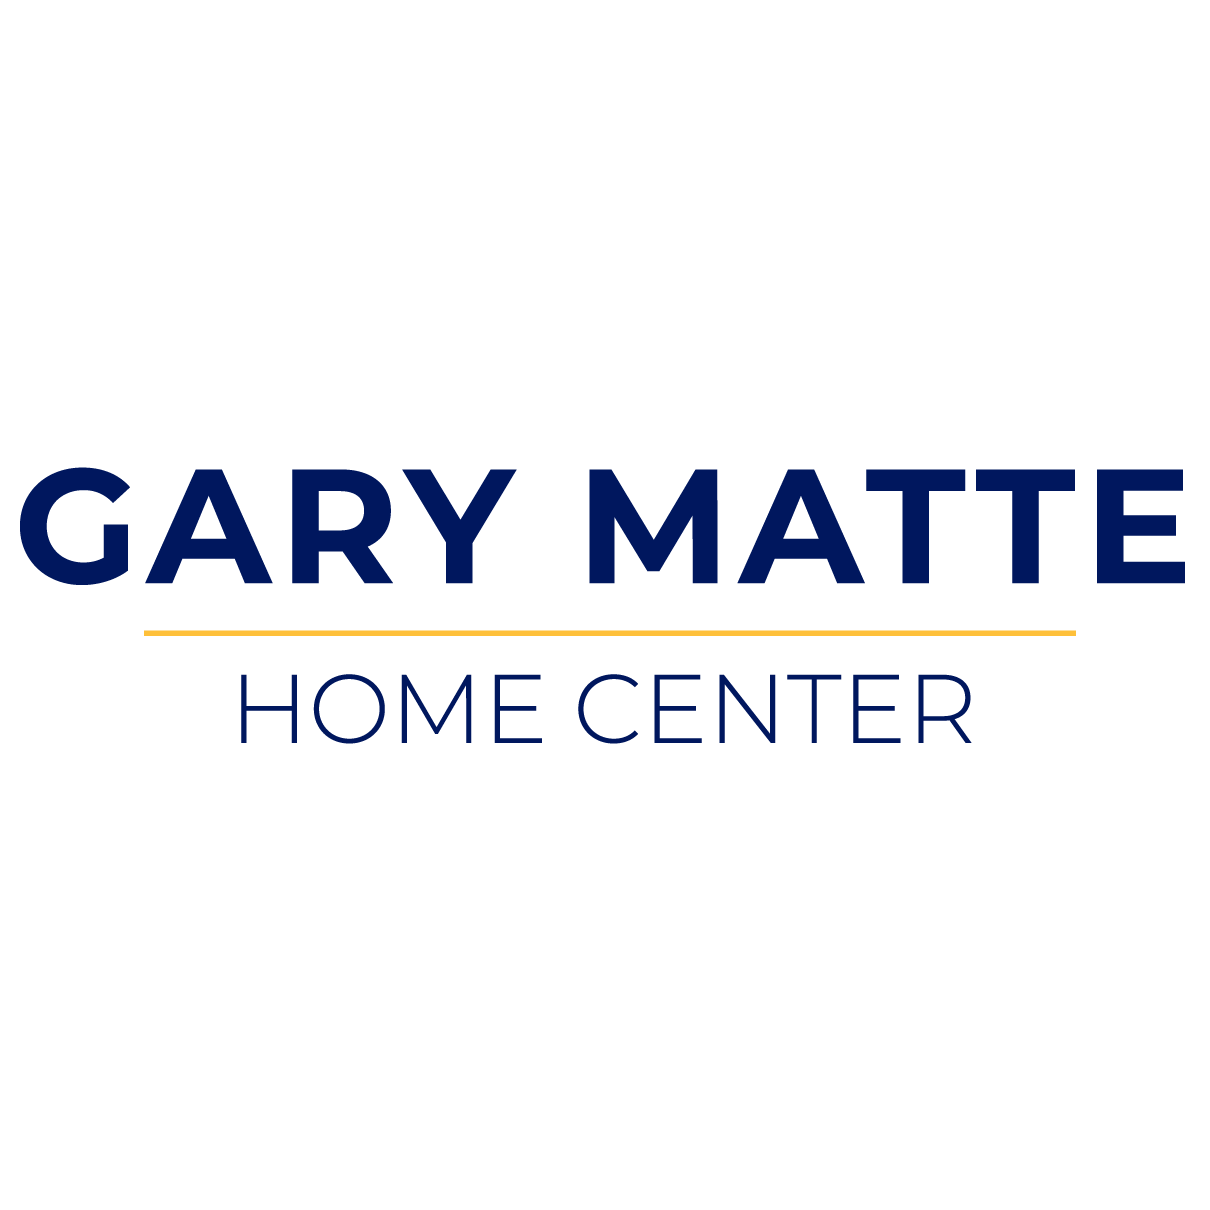 Gary Matte Home Center